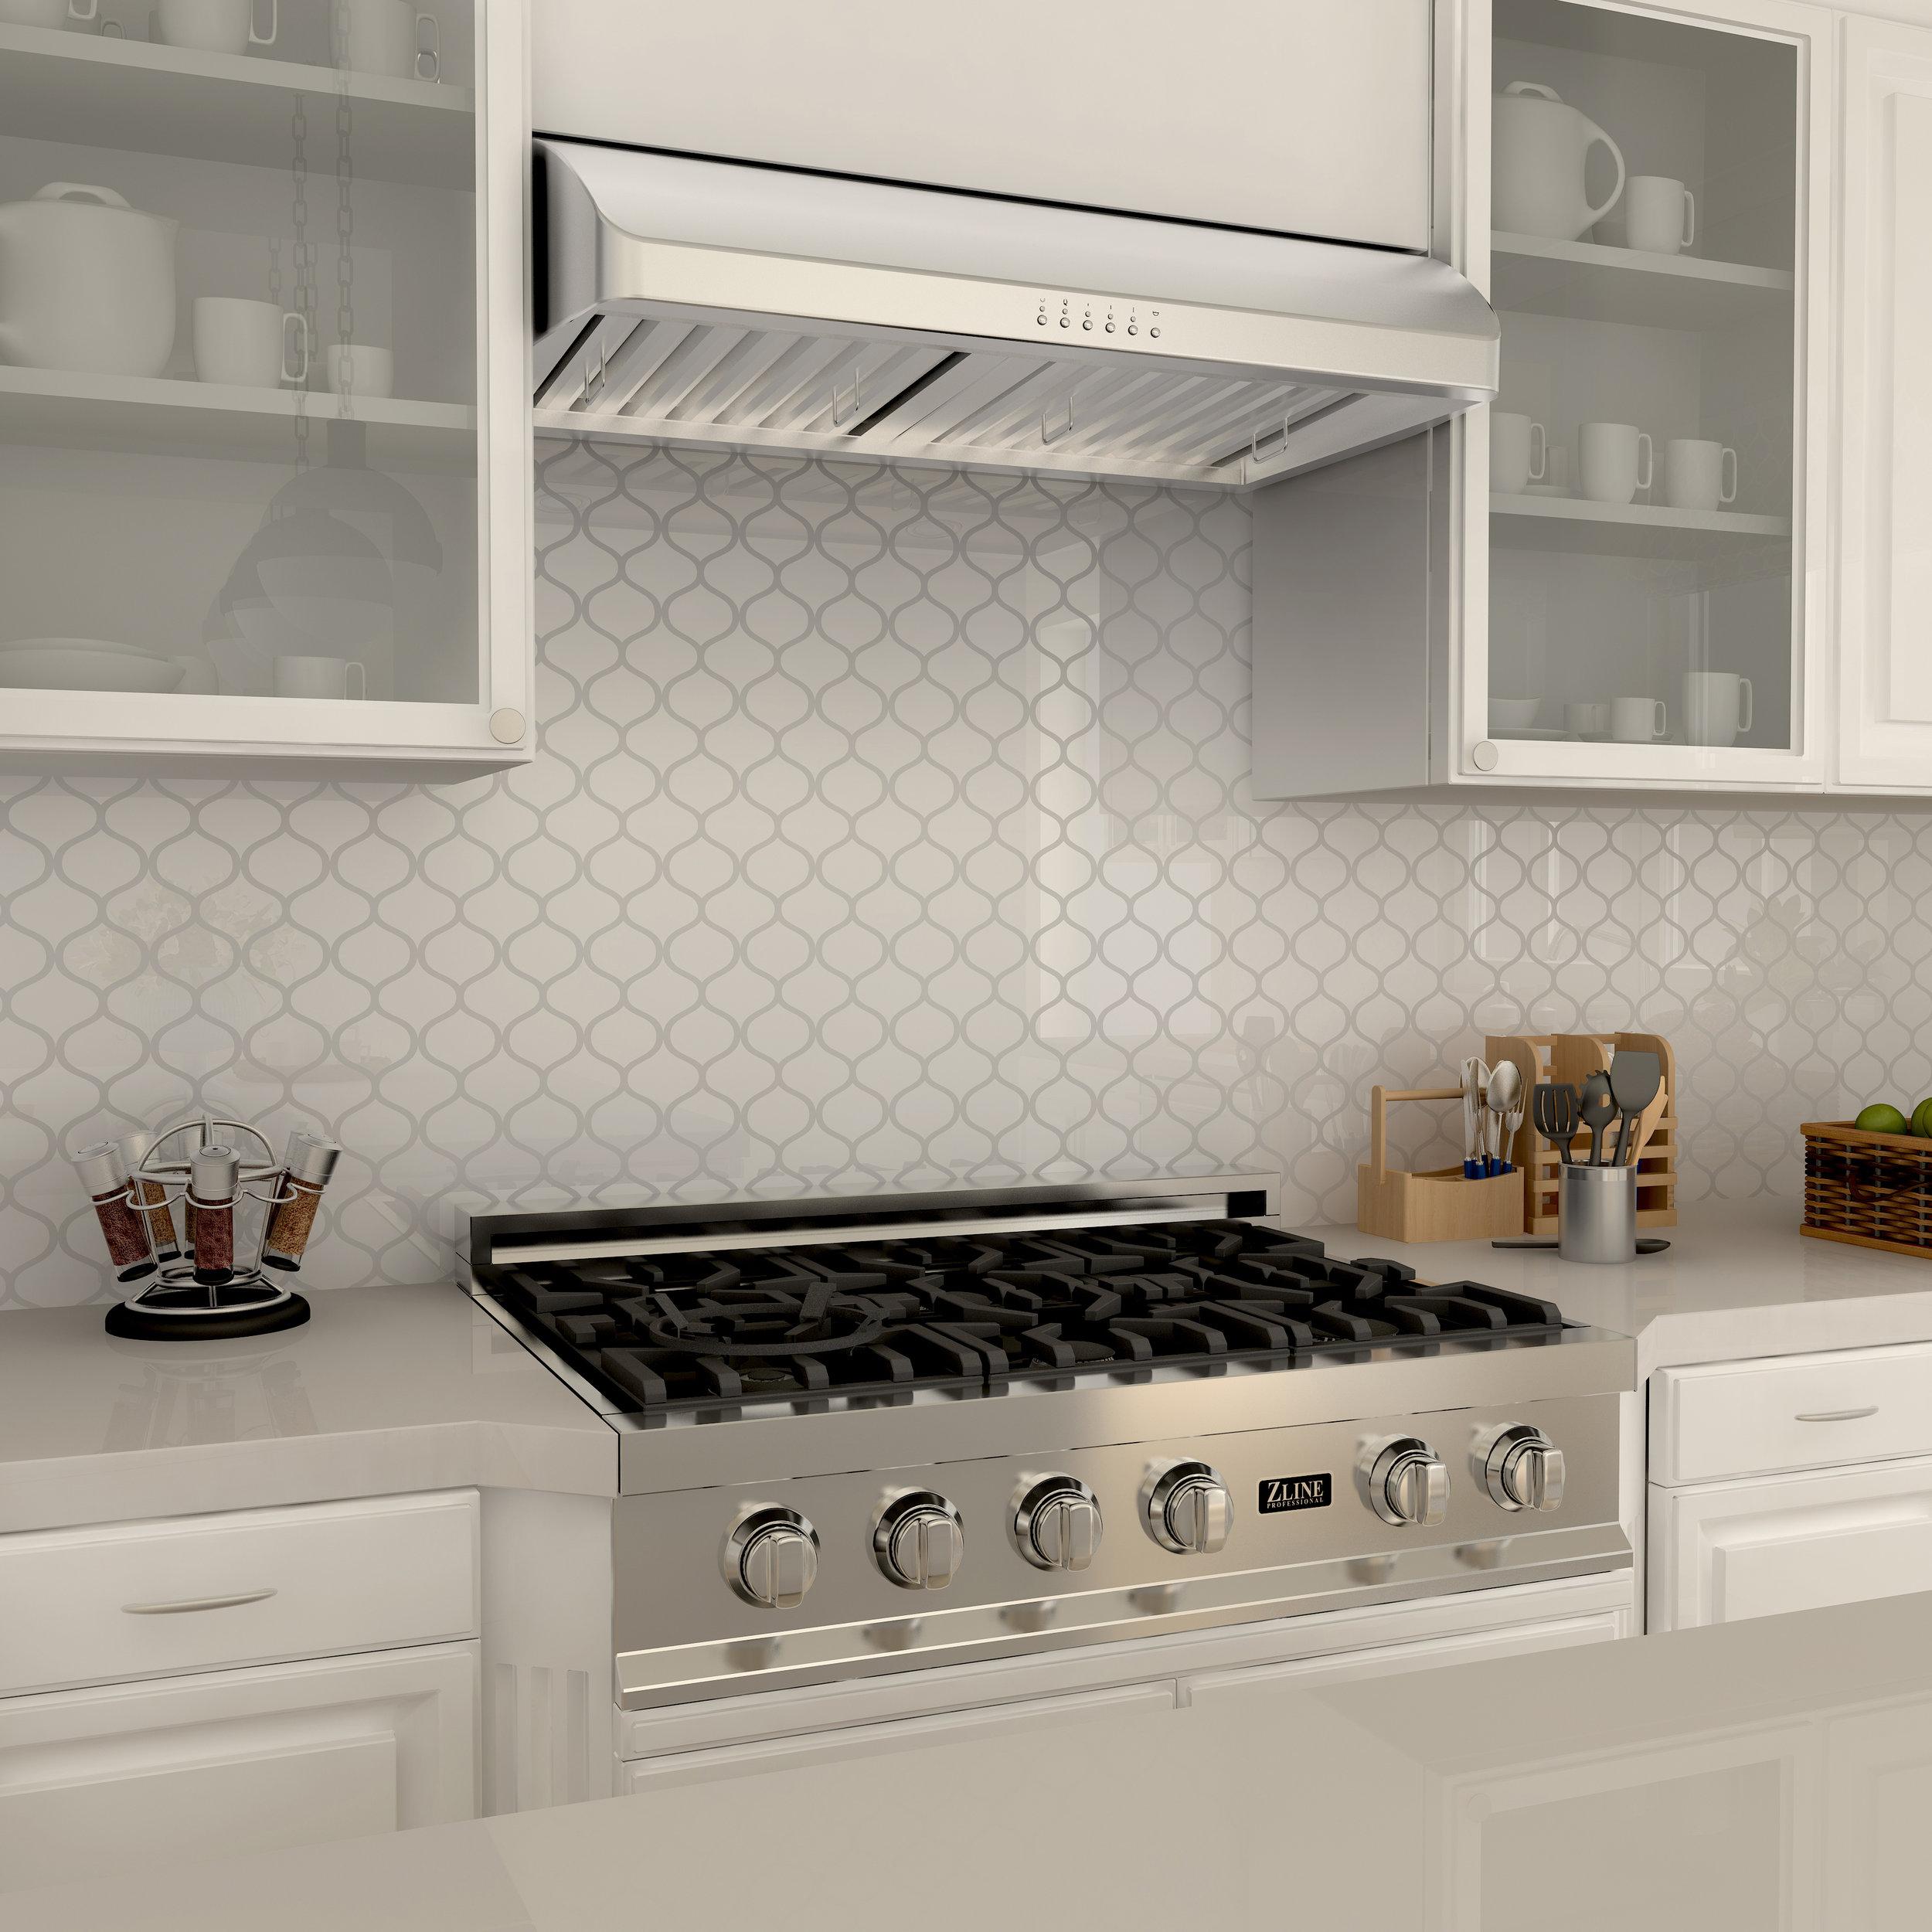 zline-stainless-steel-under-cabinet-range-hood-625-kitchen-updated-4.jpg